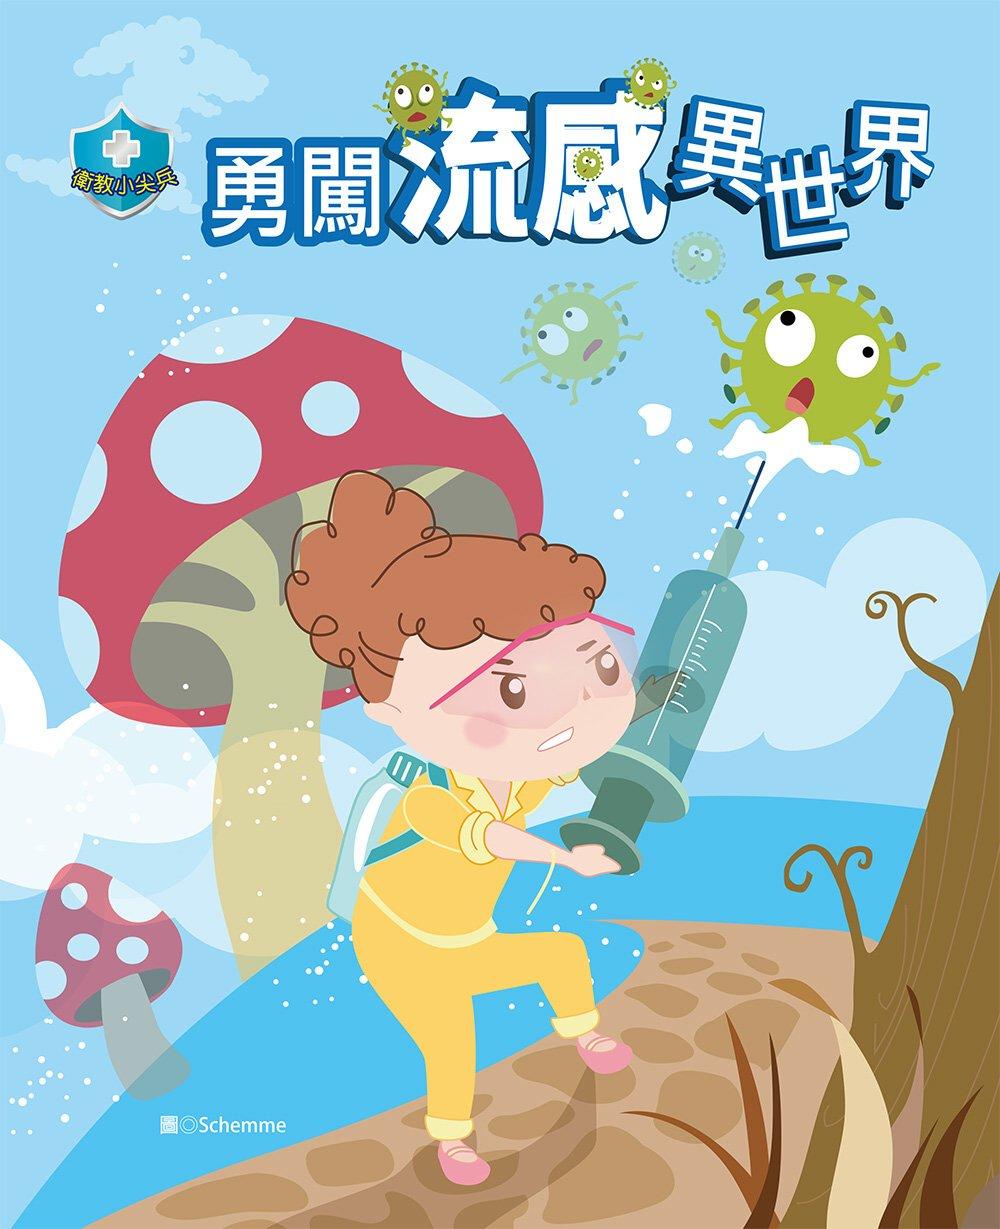 衛教小尖兵03:勇闖流感異世界